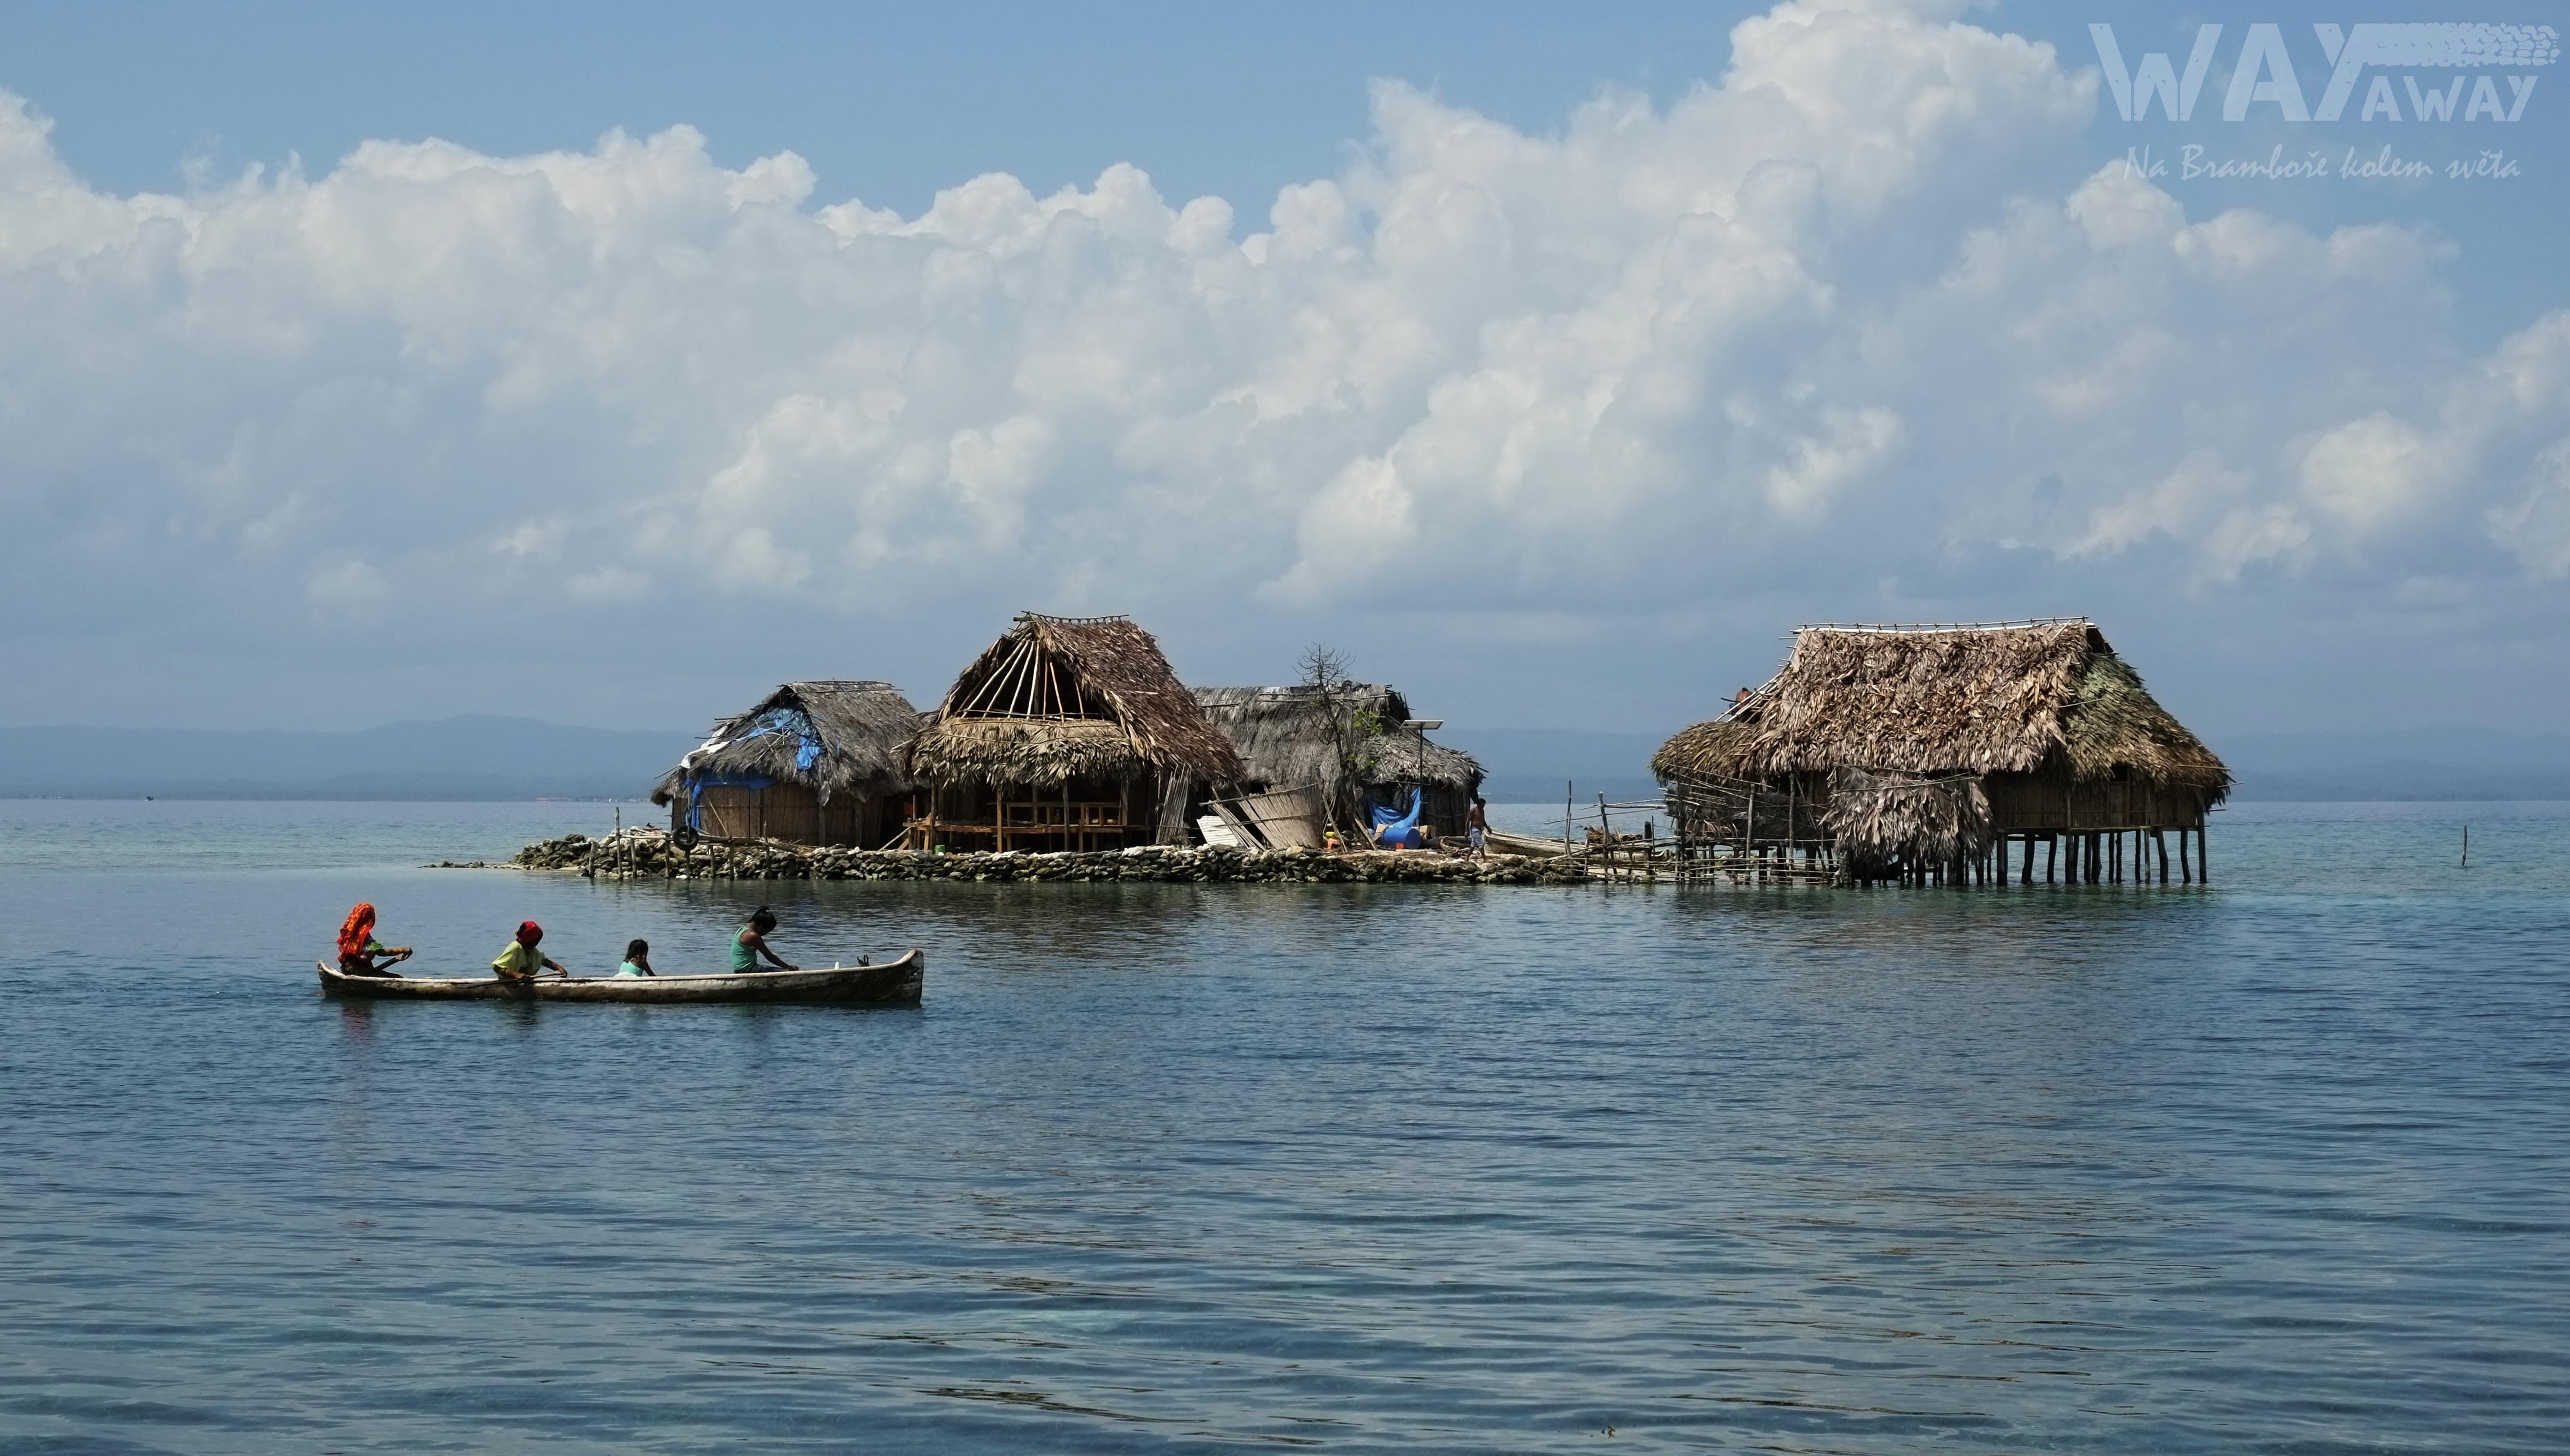 Jeden z obydlených ostrovů v souostroví San Blas